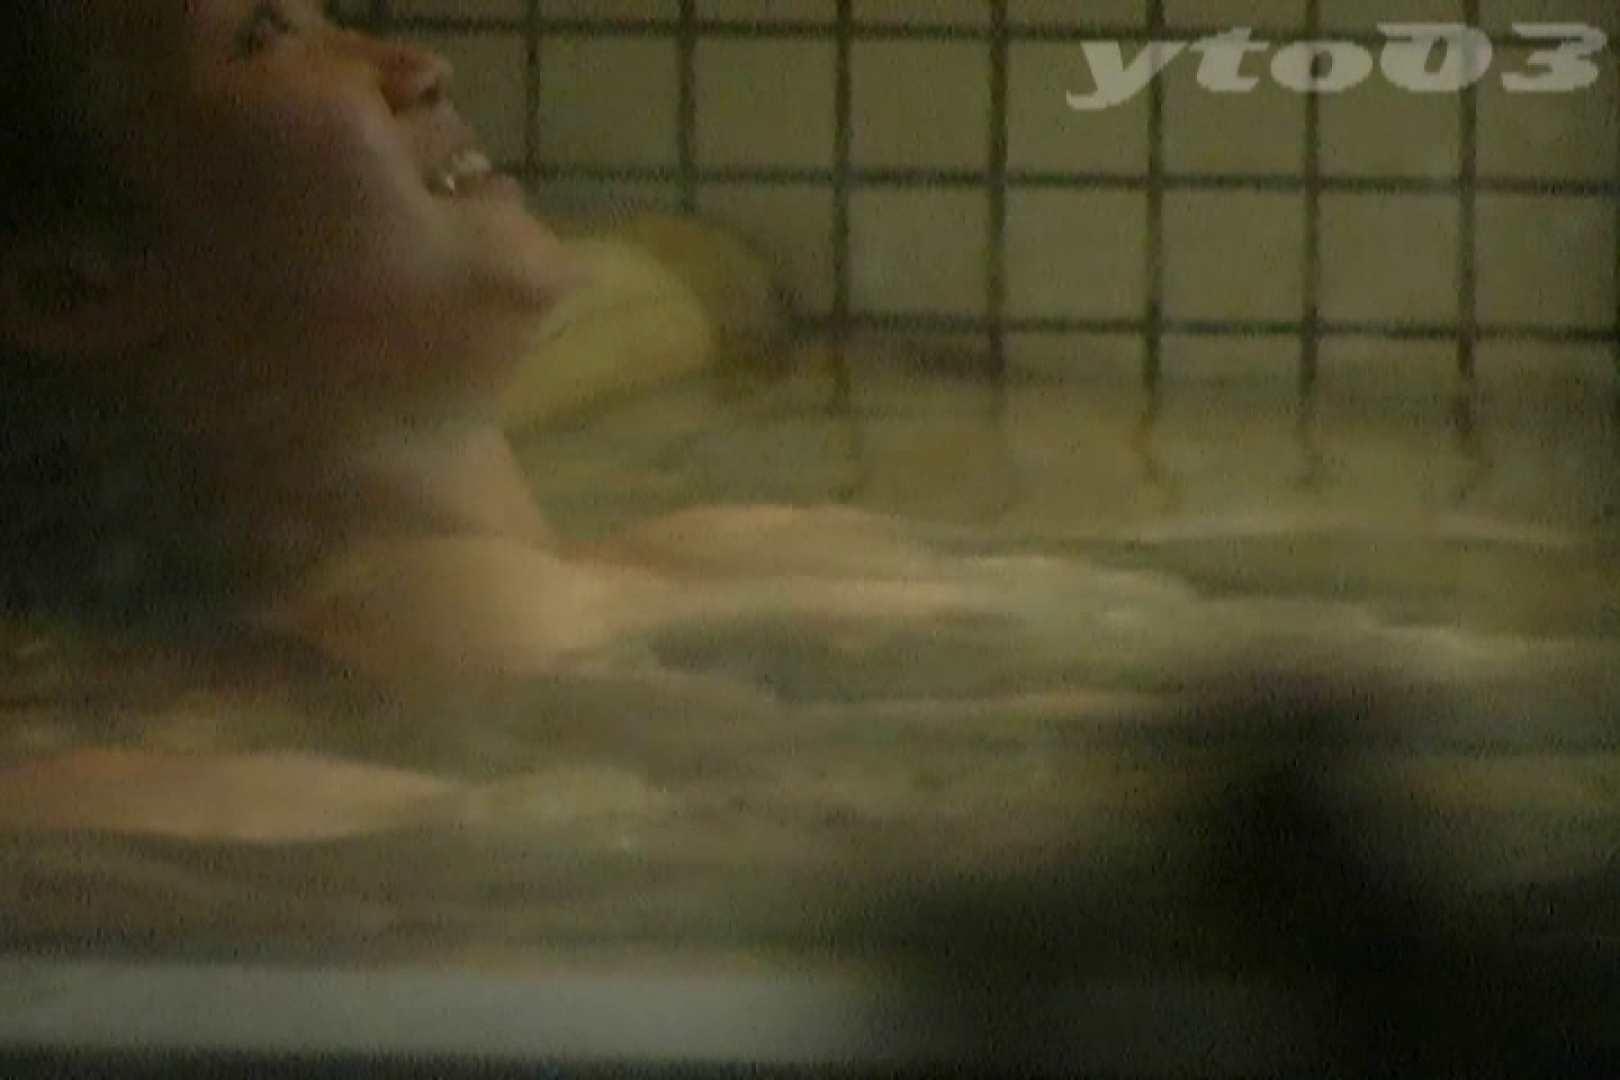 【期間限定配信】合宿ホテル女風呂盗撮 Vol.16 女湯 すけべAV動画紹介 85画像 44